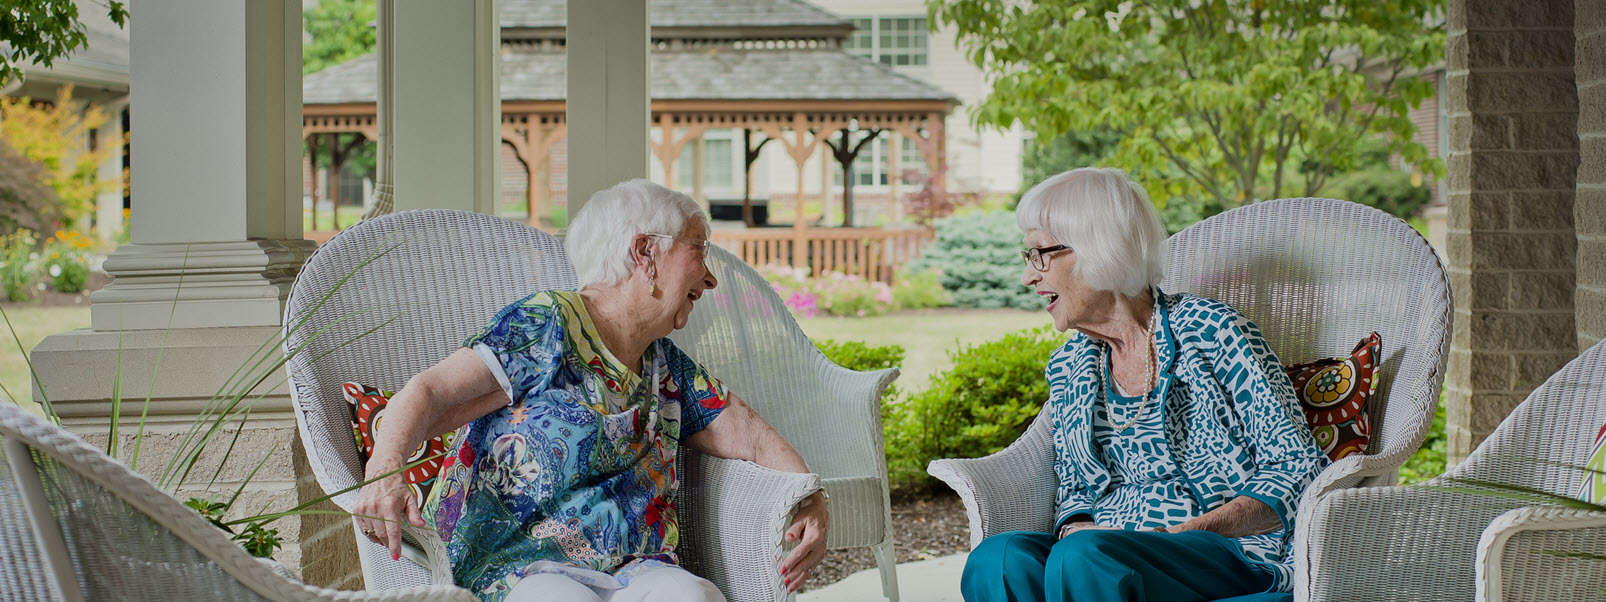 two seniors talking